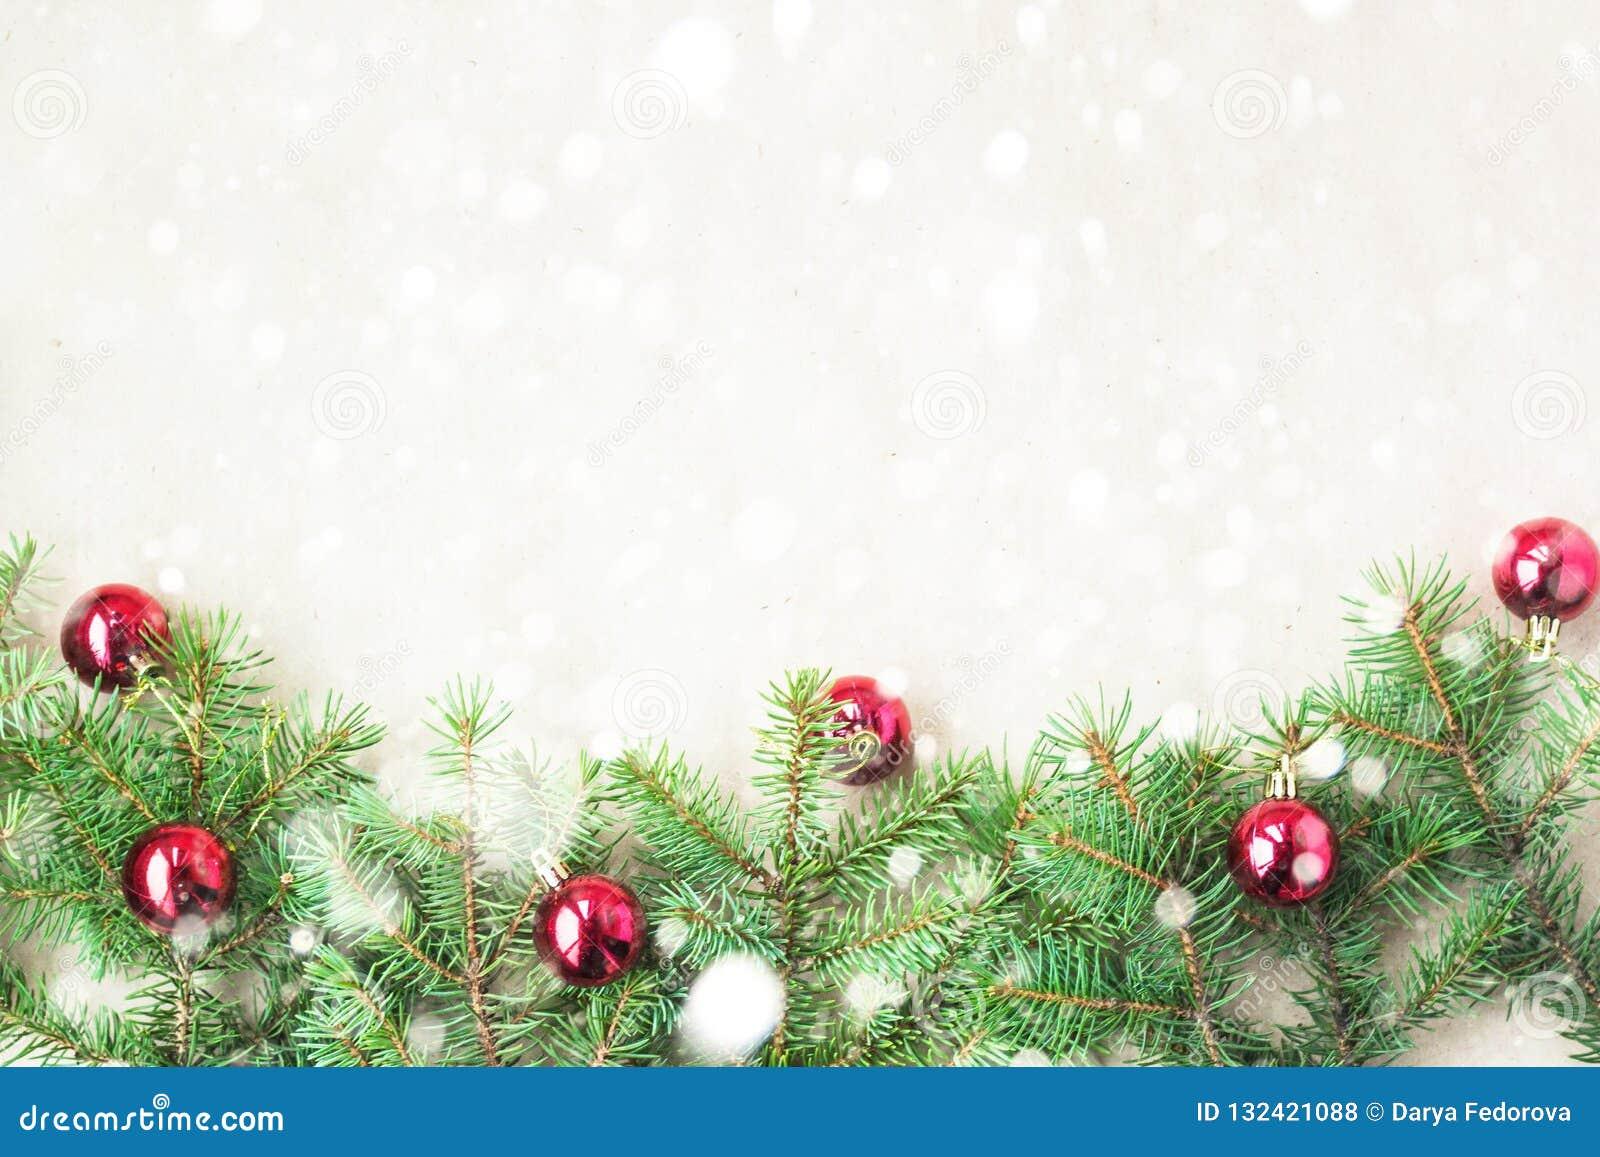 Ramas de árbol de abeto adornadas con las bolas rojas de la Navidad como frontera en un marco rústico del fondo del día de fiesta